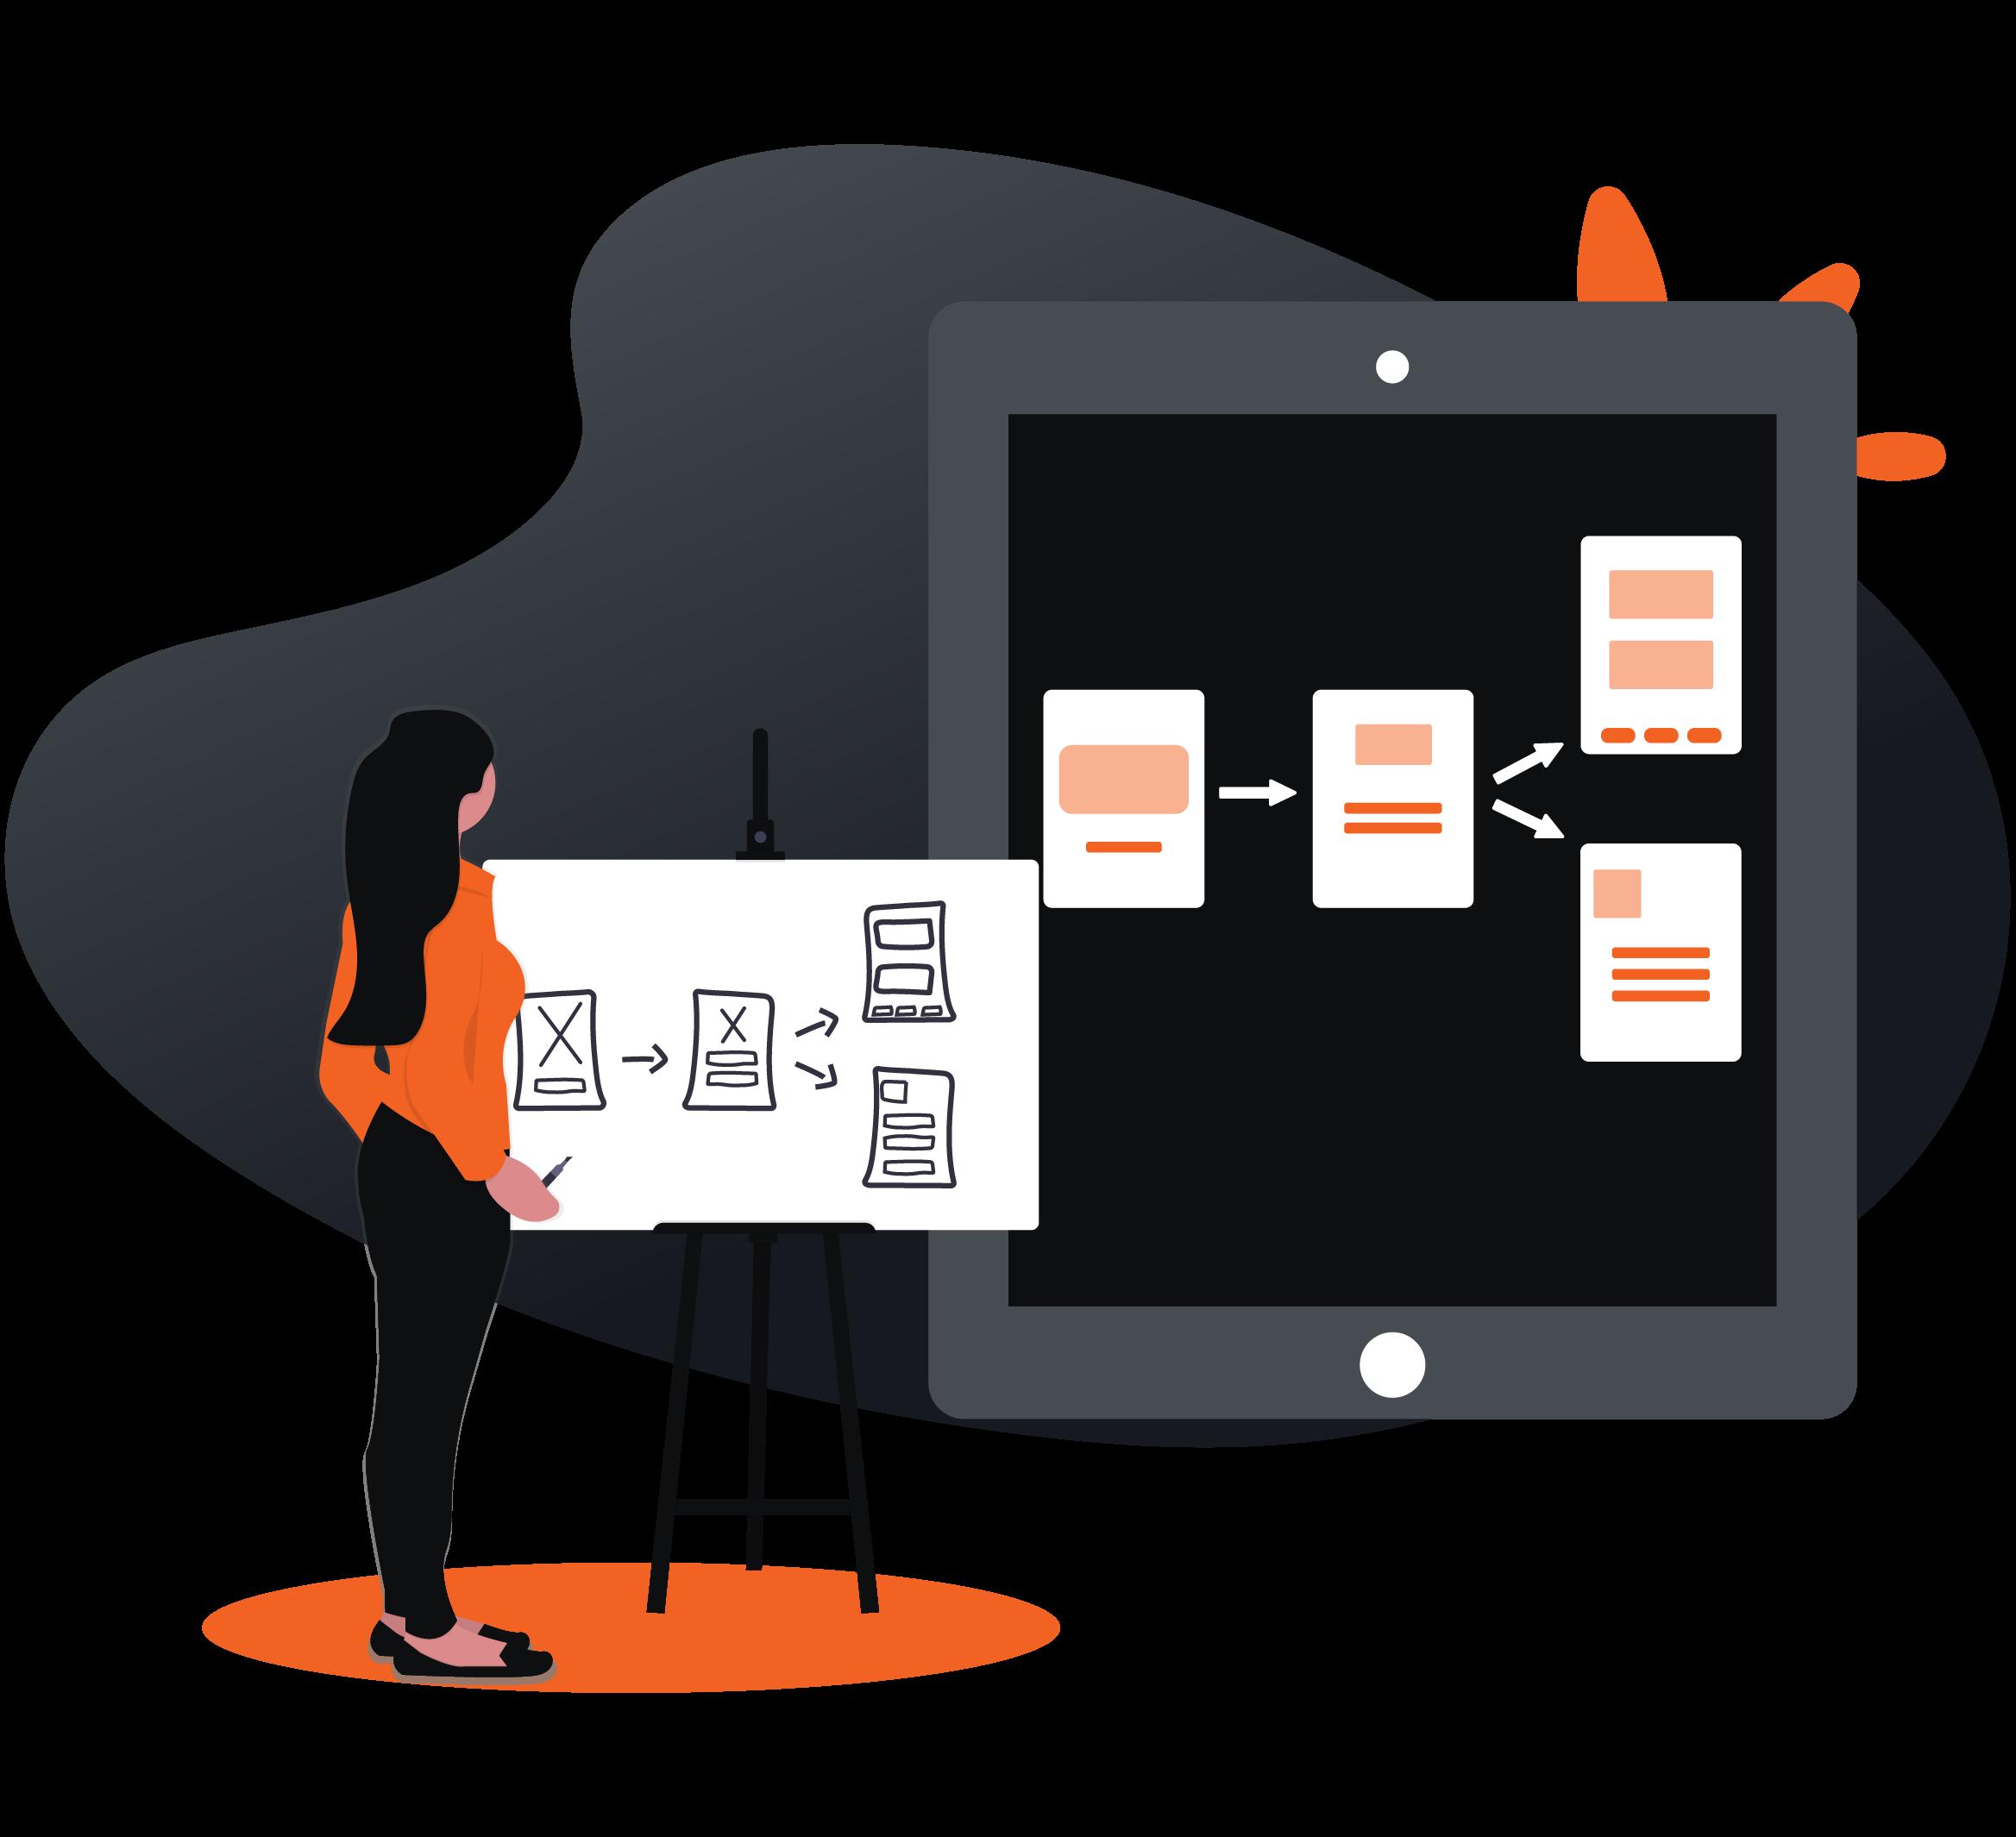 UI UX design image